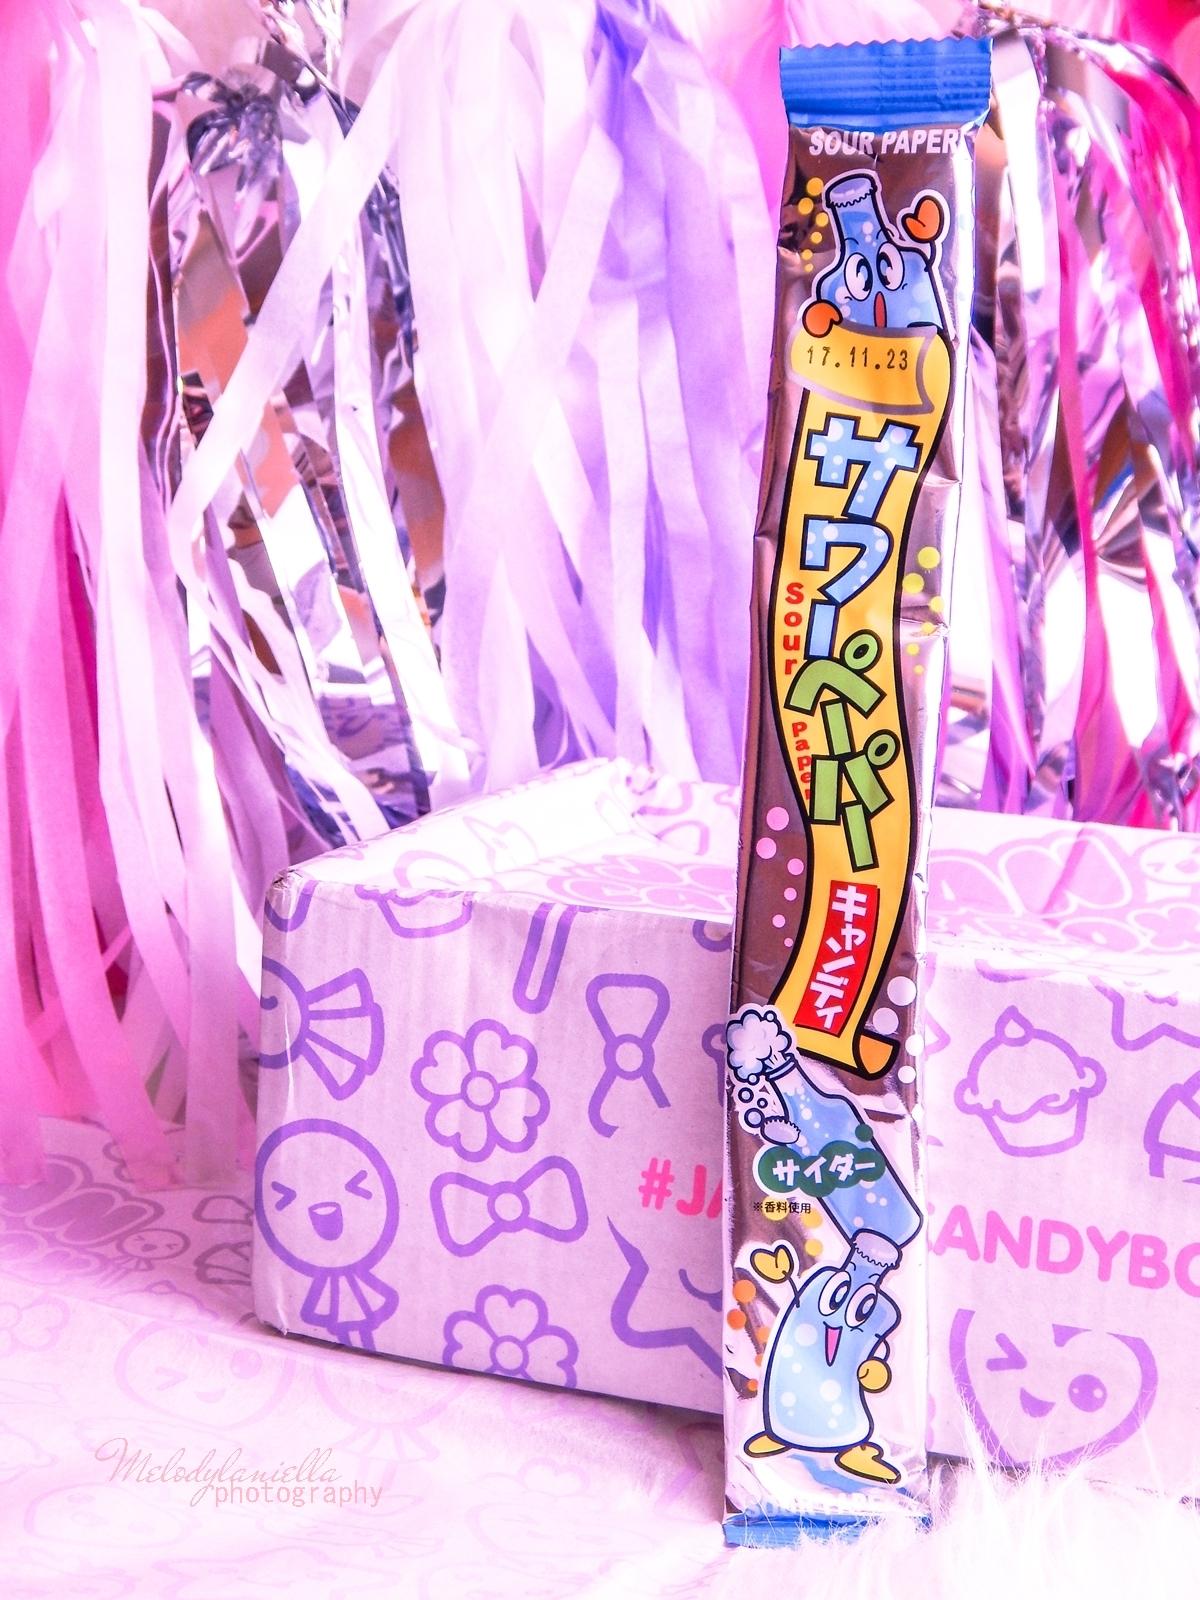 6 melodylaniella photography partybox japan candy box pudełko pełne słodkości z japonii azjatyckie słodycze ciekawe jedzenie z japonii cukierki z azji boxy z jedzeniem yaokin paper soda candy